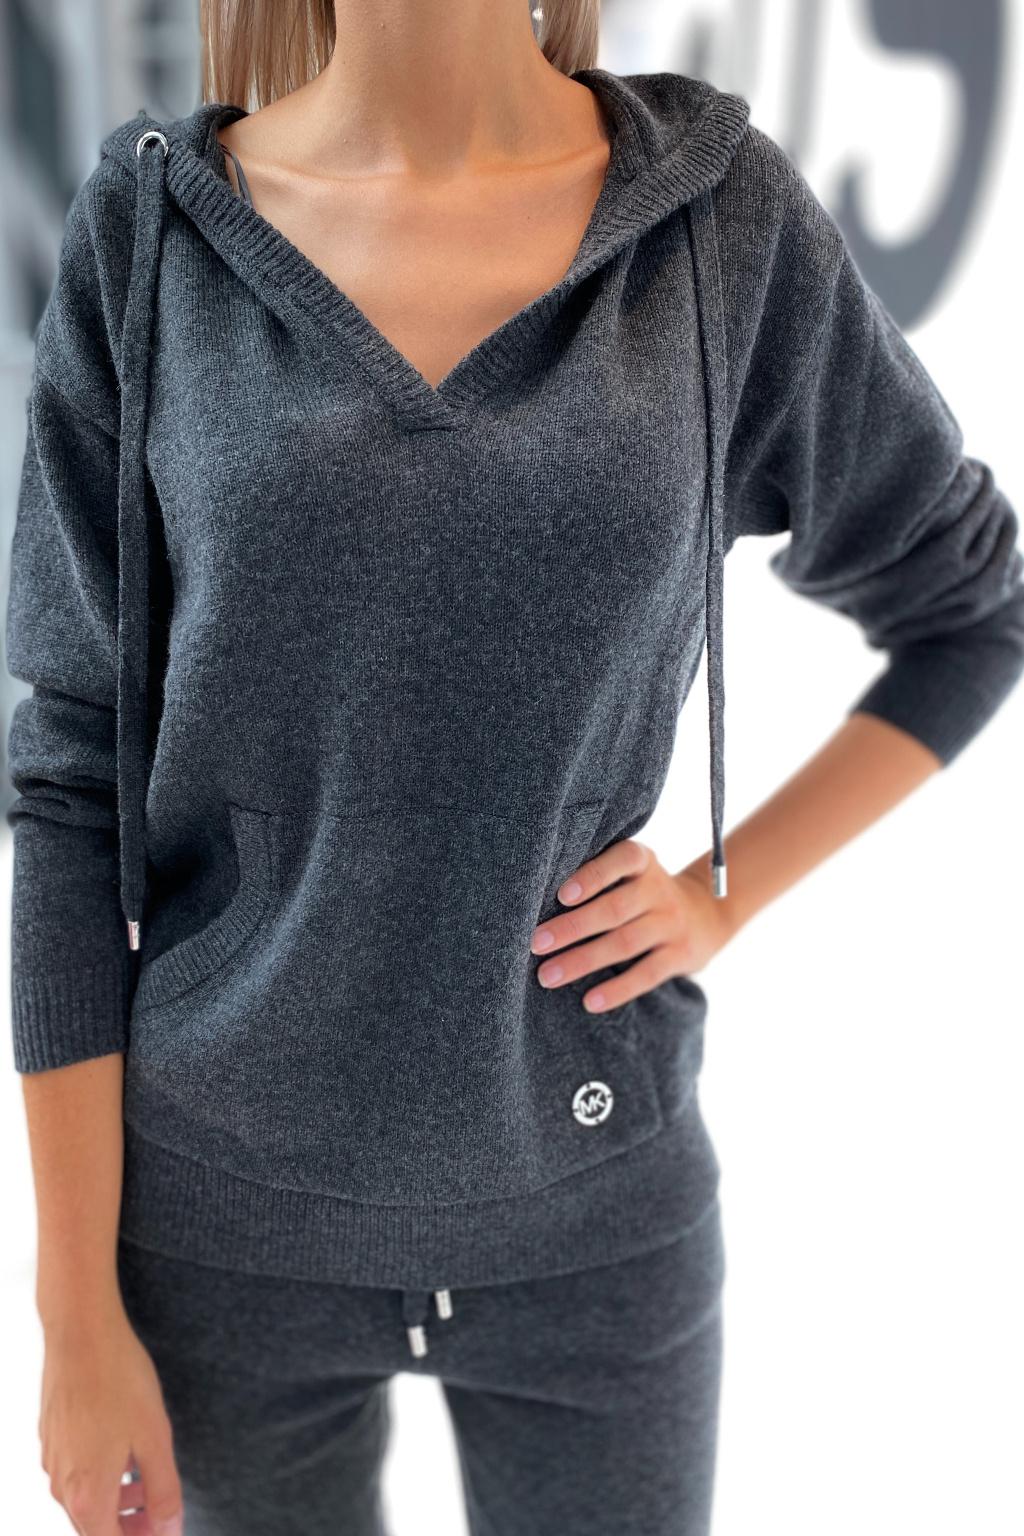 Dámský svetr Michael Kors MU16045CSN šedý